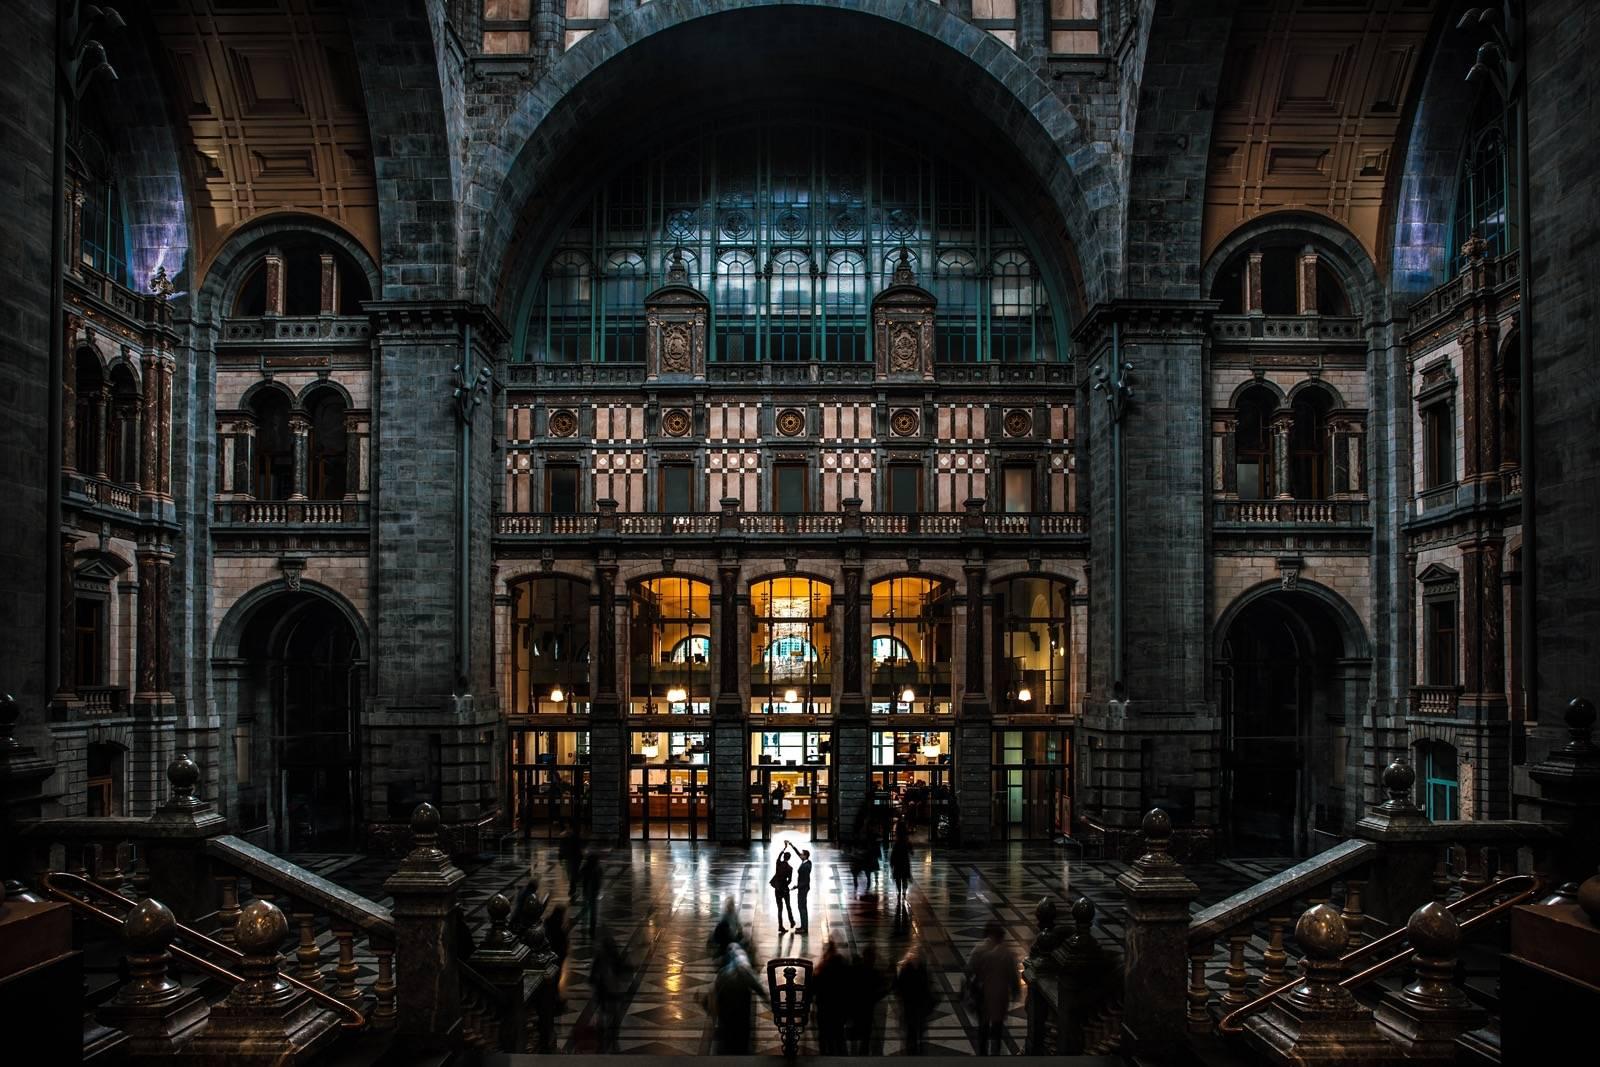 Yves Schepers Photography - Fotograaf - Huwelijksfotograaf - Trouwfotograaf - Bruidsfotograaf - House of Weddings - 13